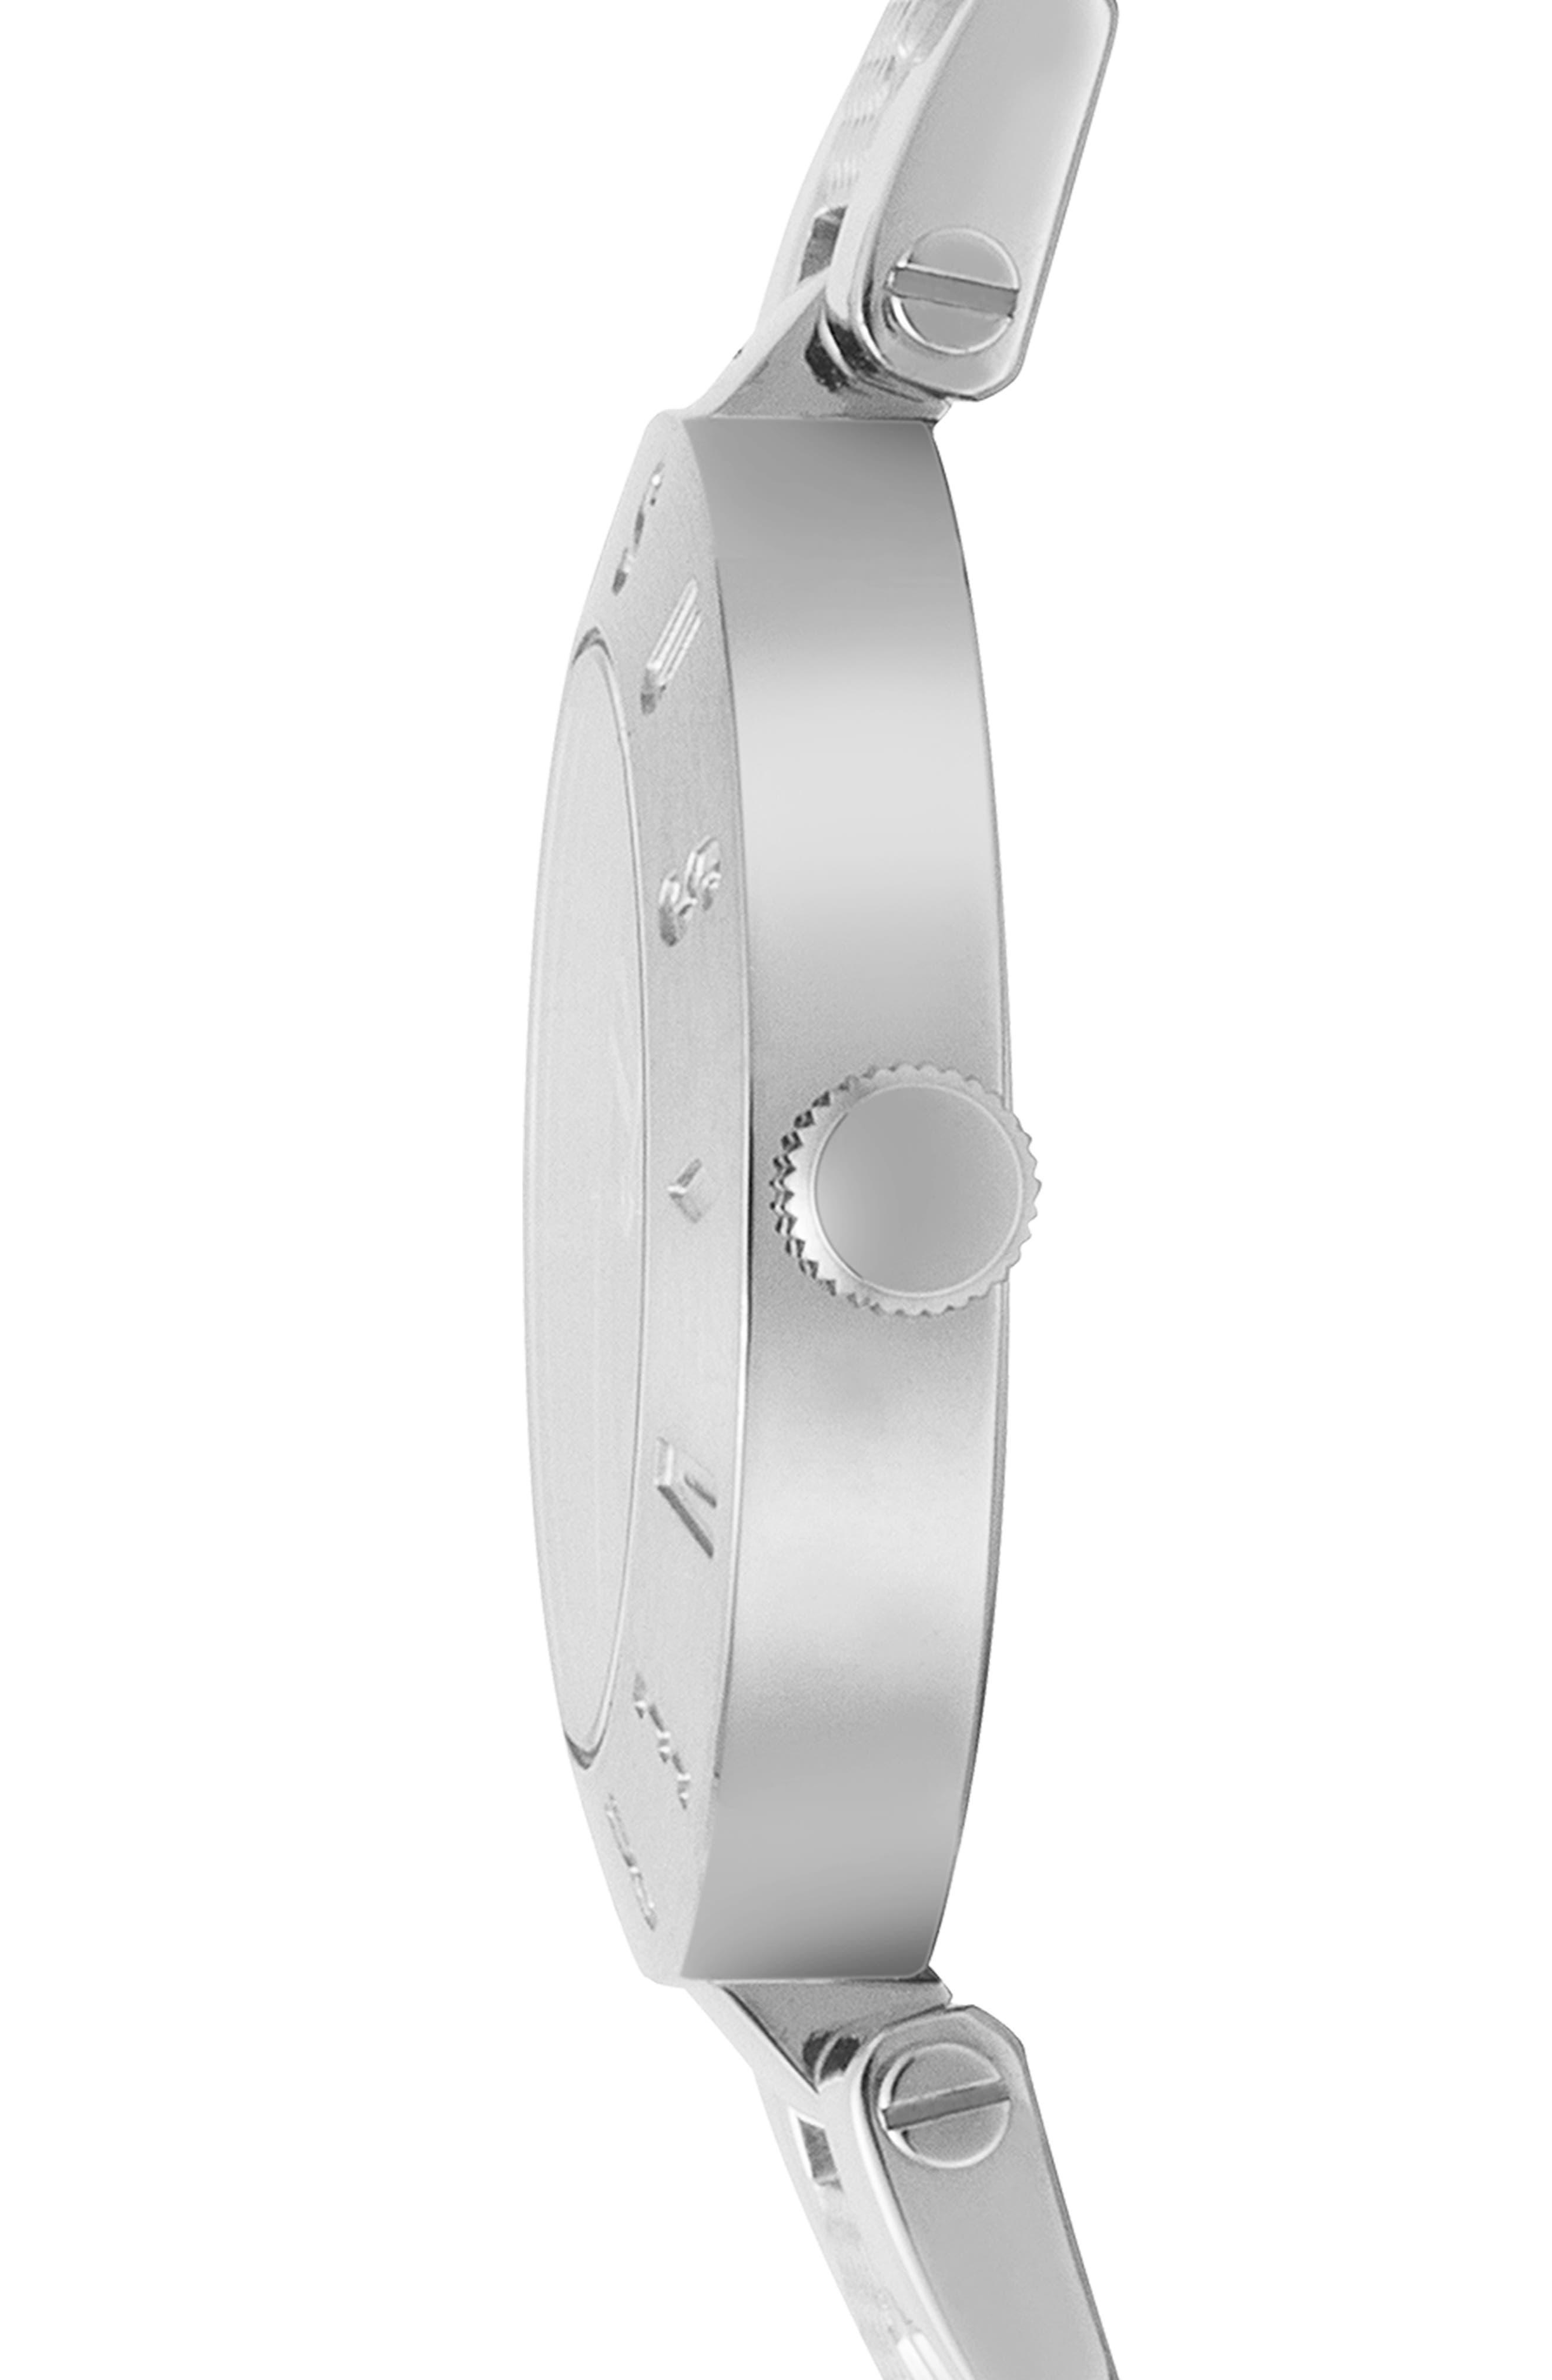 VERSUS VERSACE, Logo Bracelet Watch, 34mm, Alternate thumbnail 2, color, SILVER/ BLUE